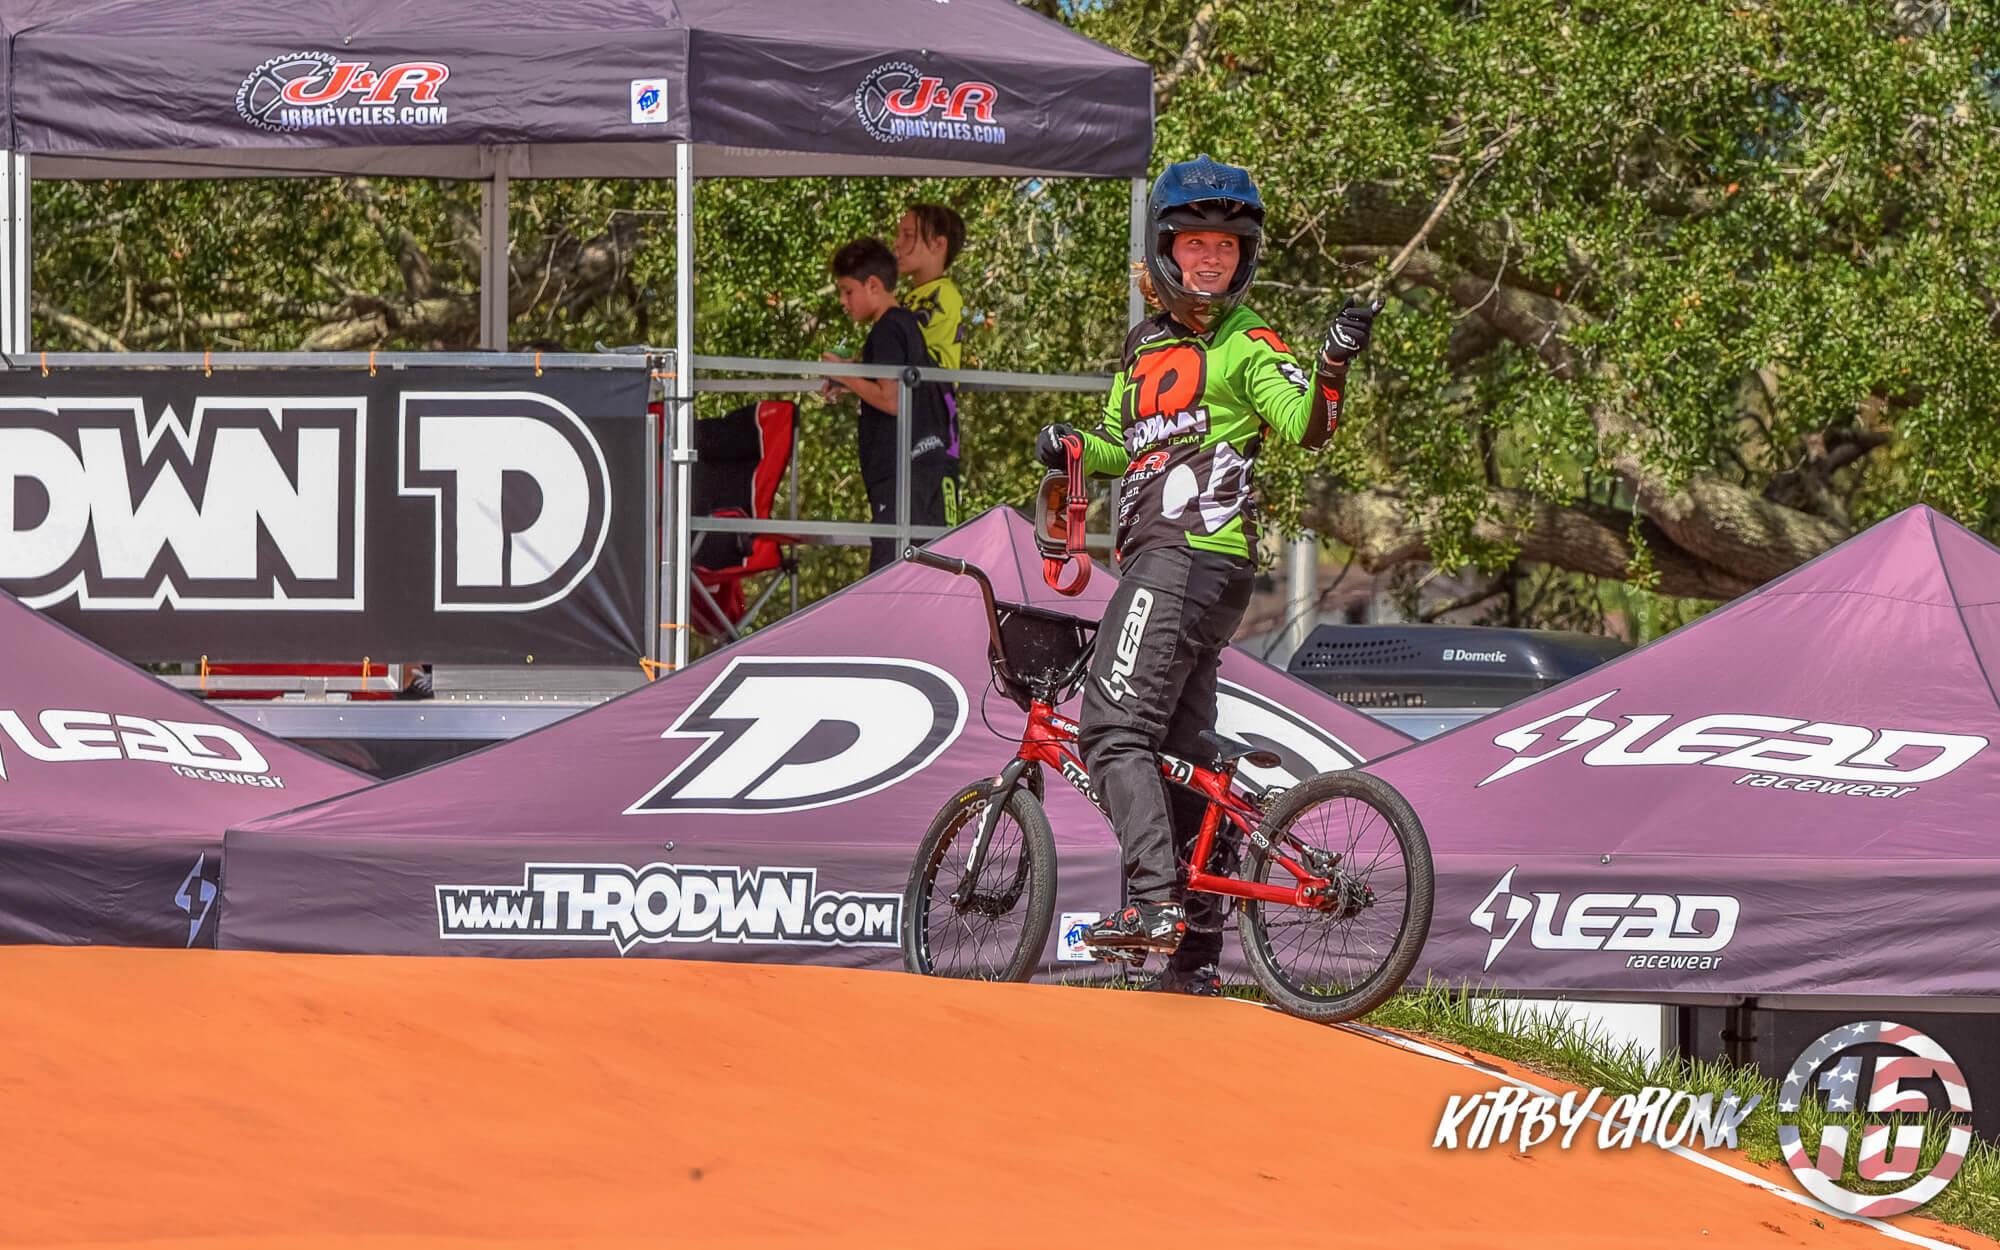 Dani George -DSC_1370 - Kirby Cronk